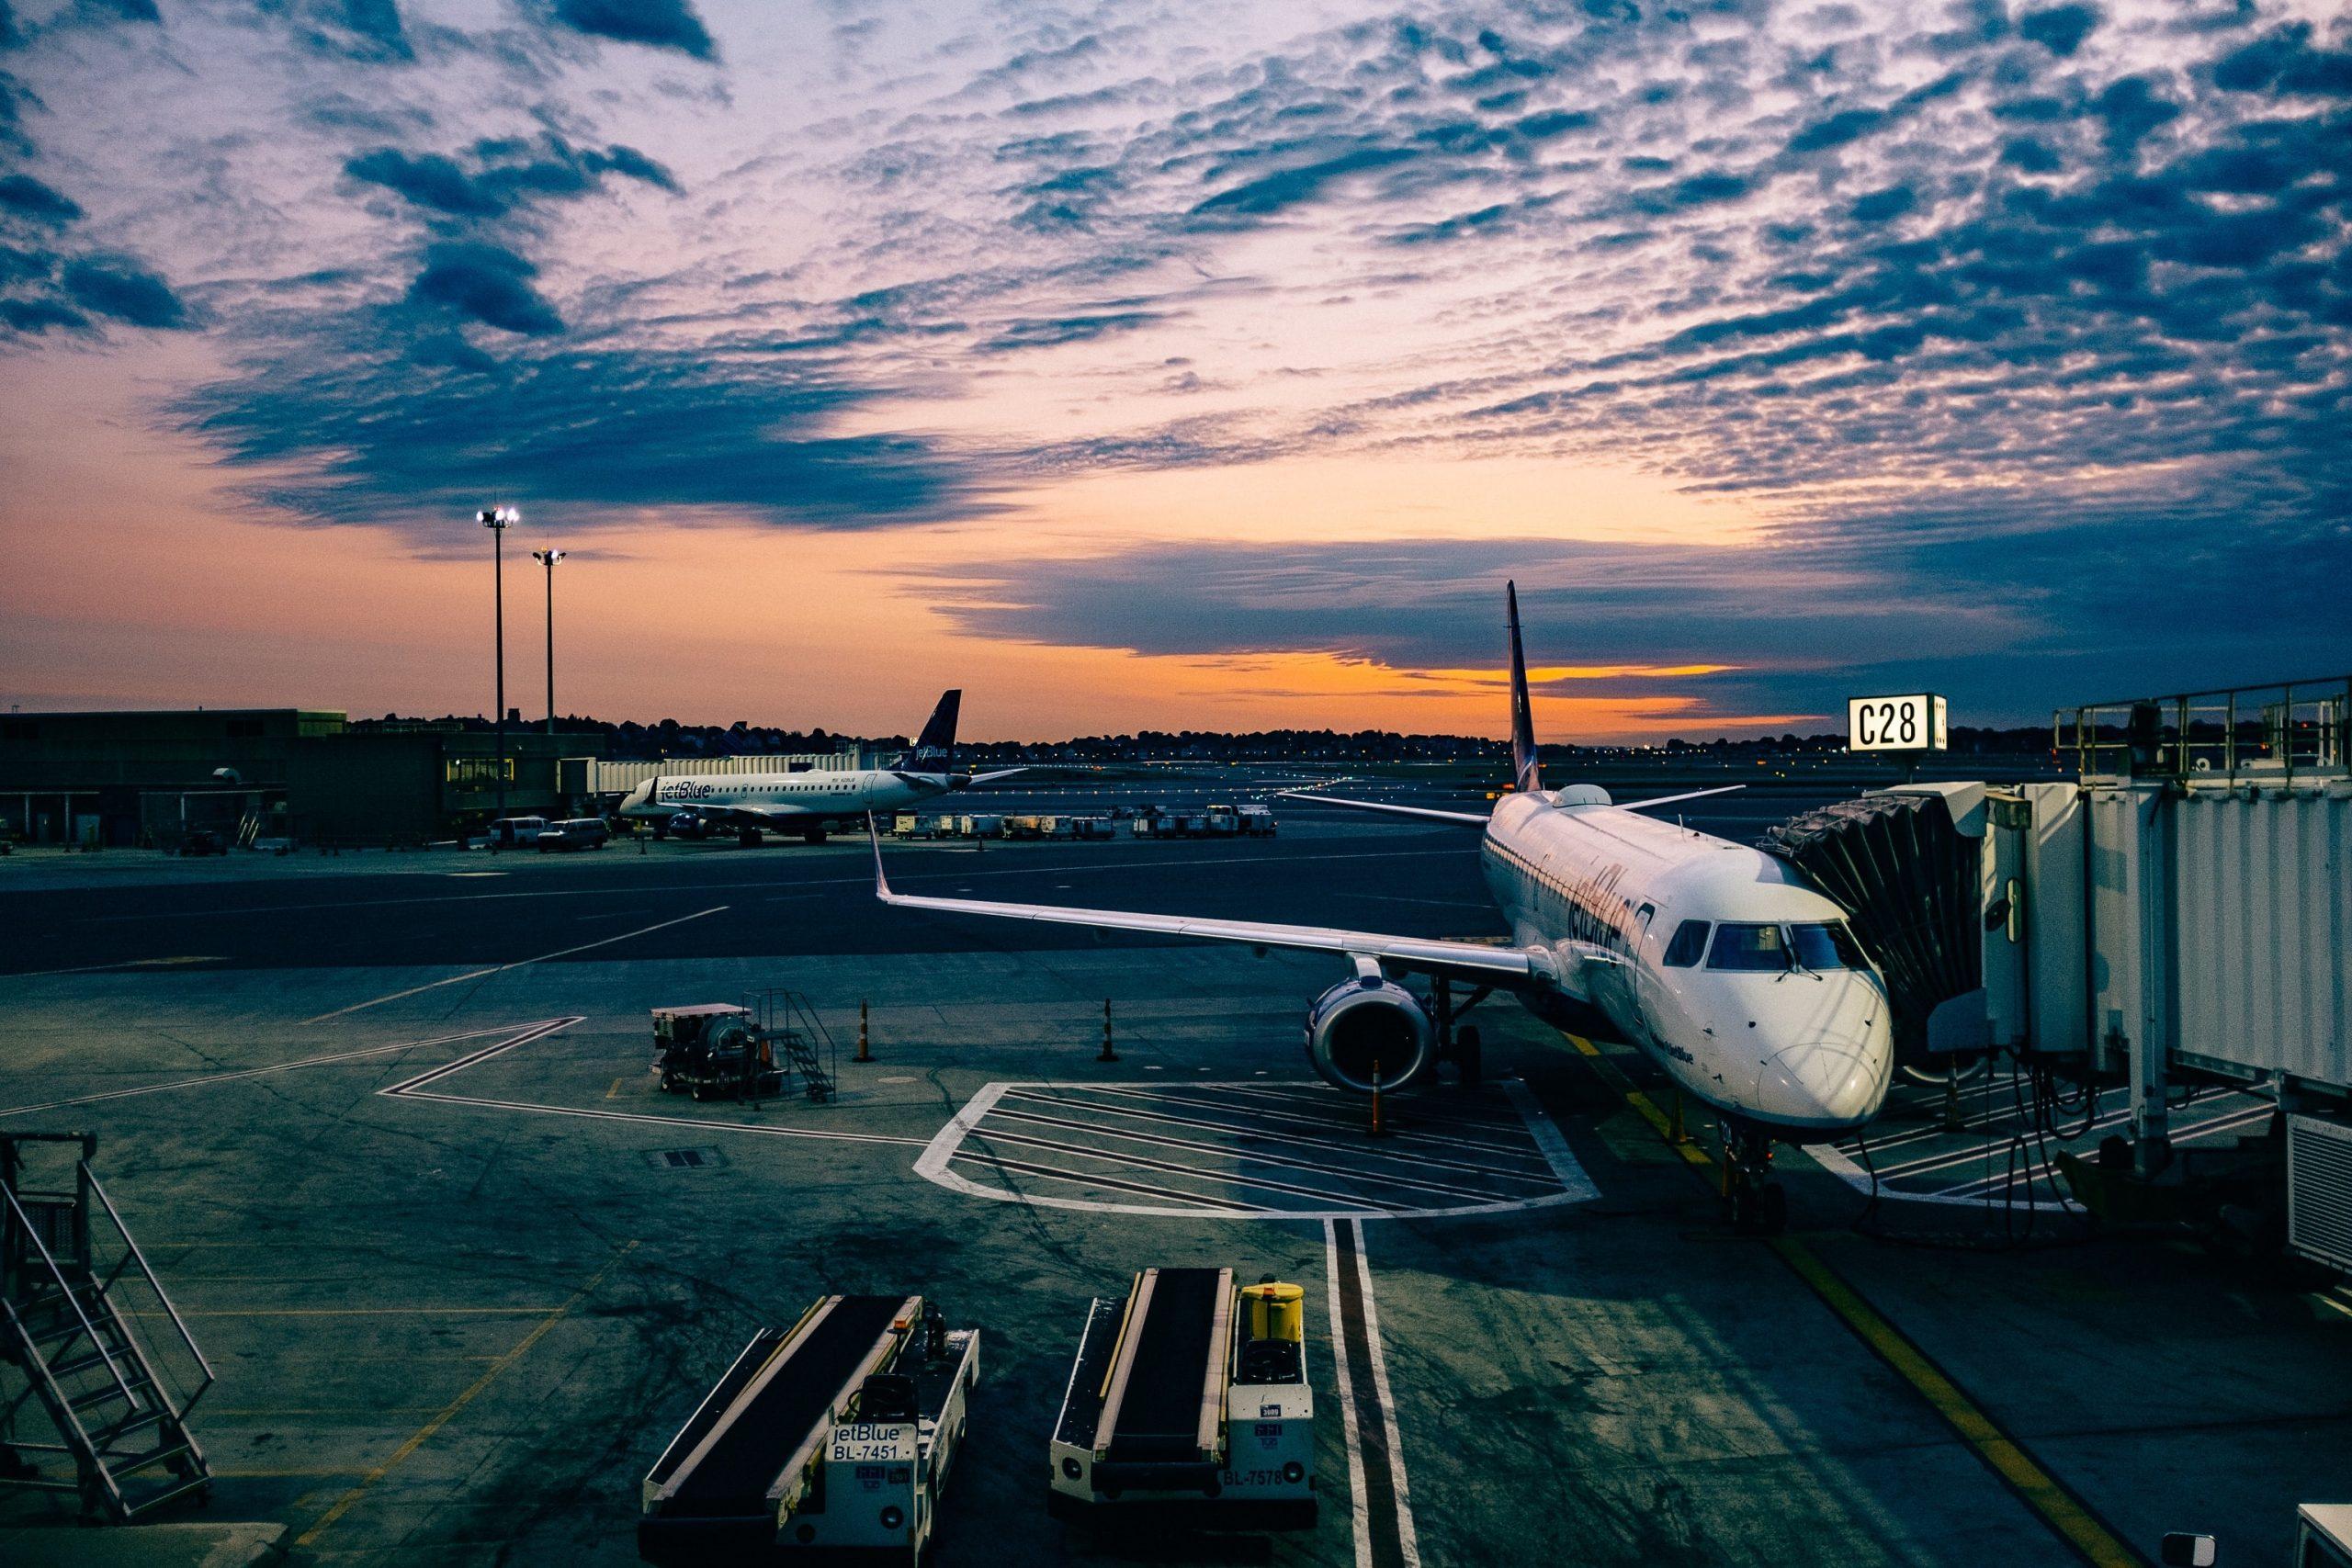 Hoe we het debat over de luchtvaart moeten voeren